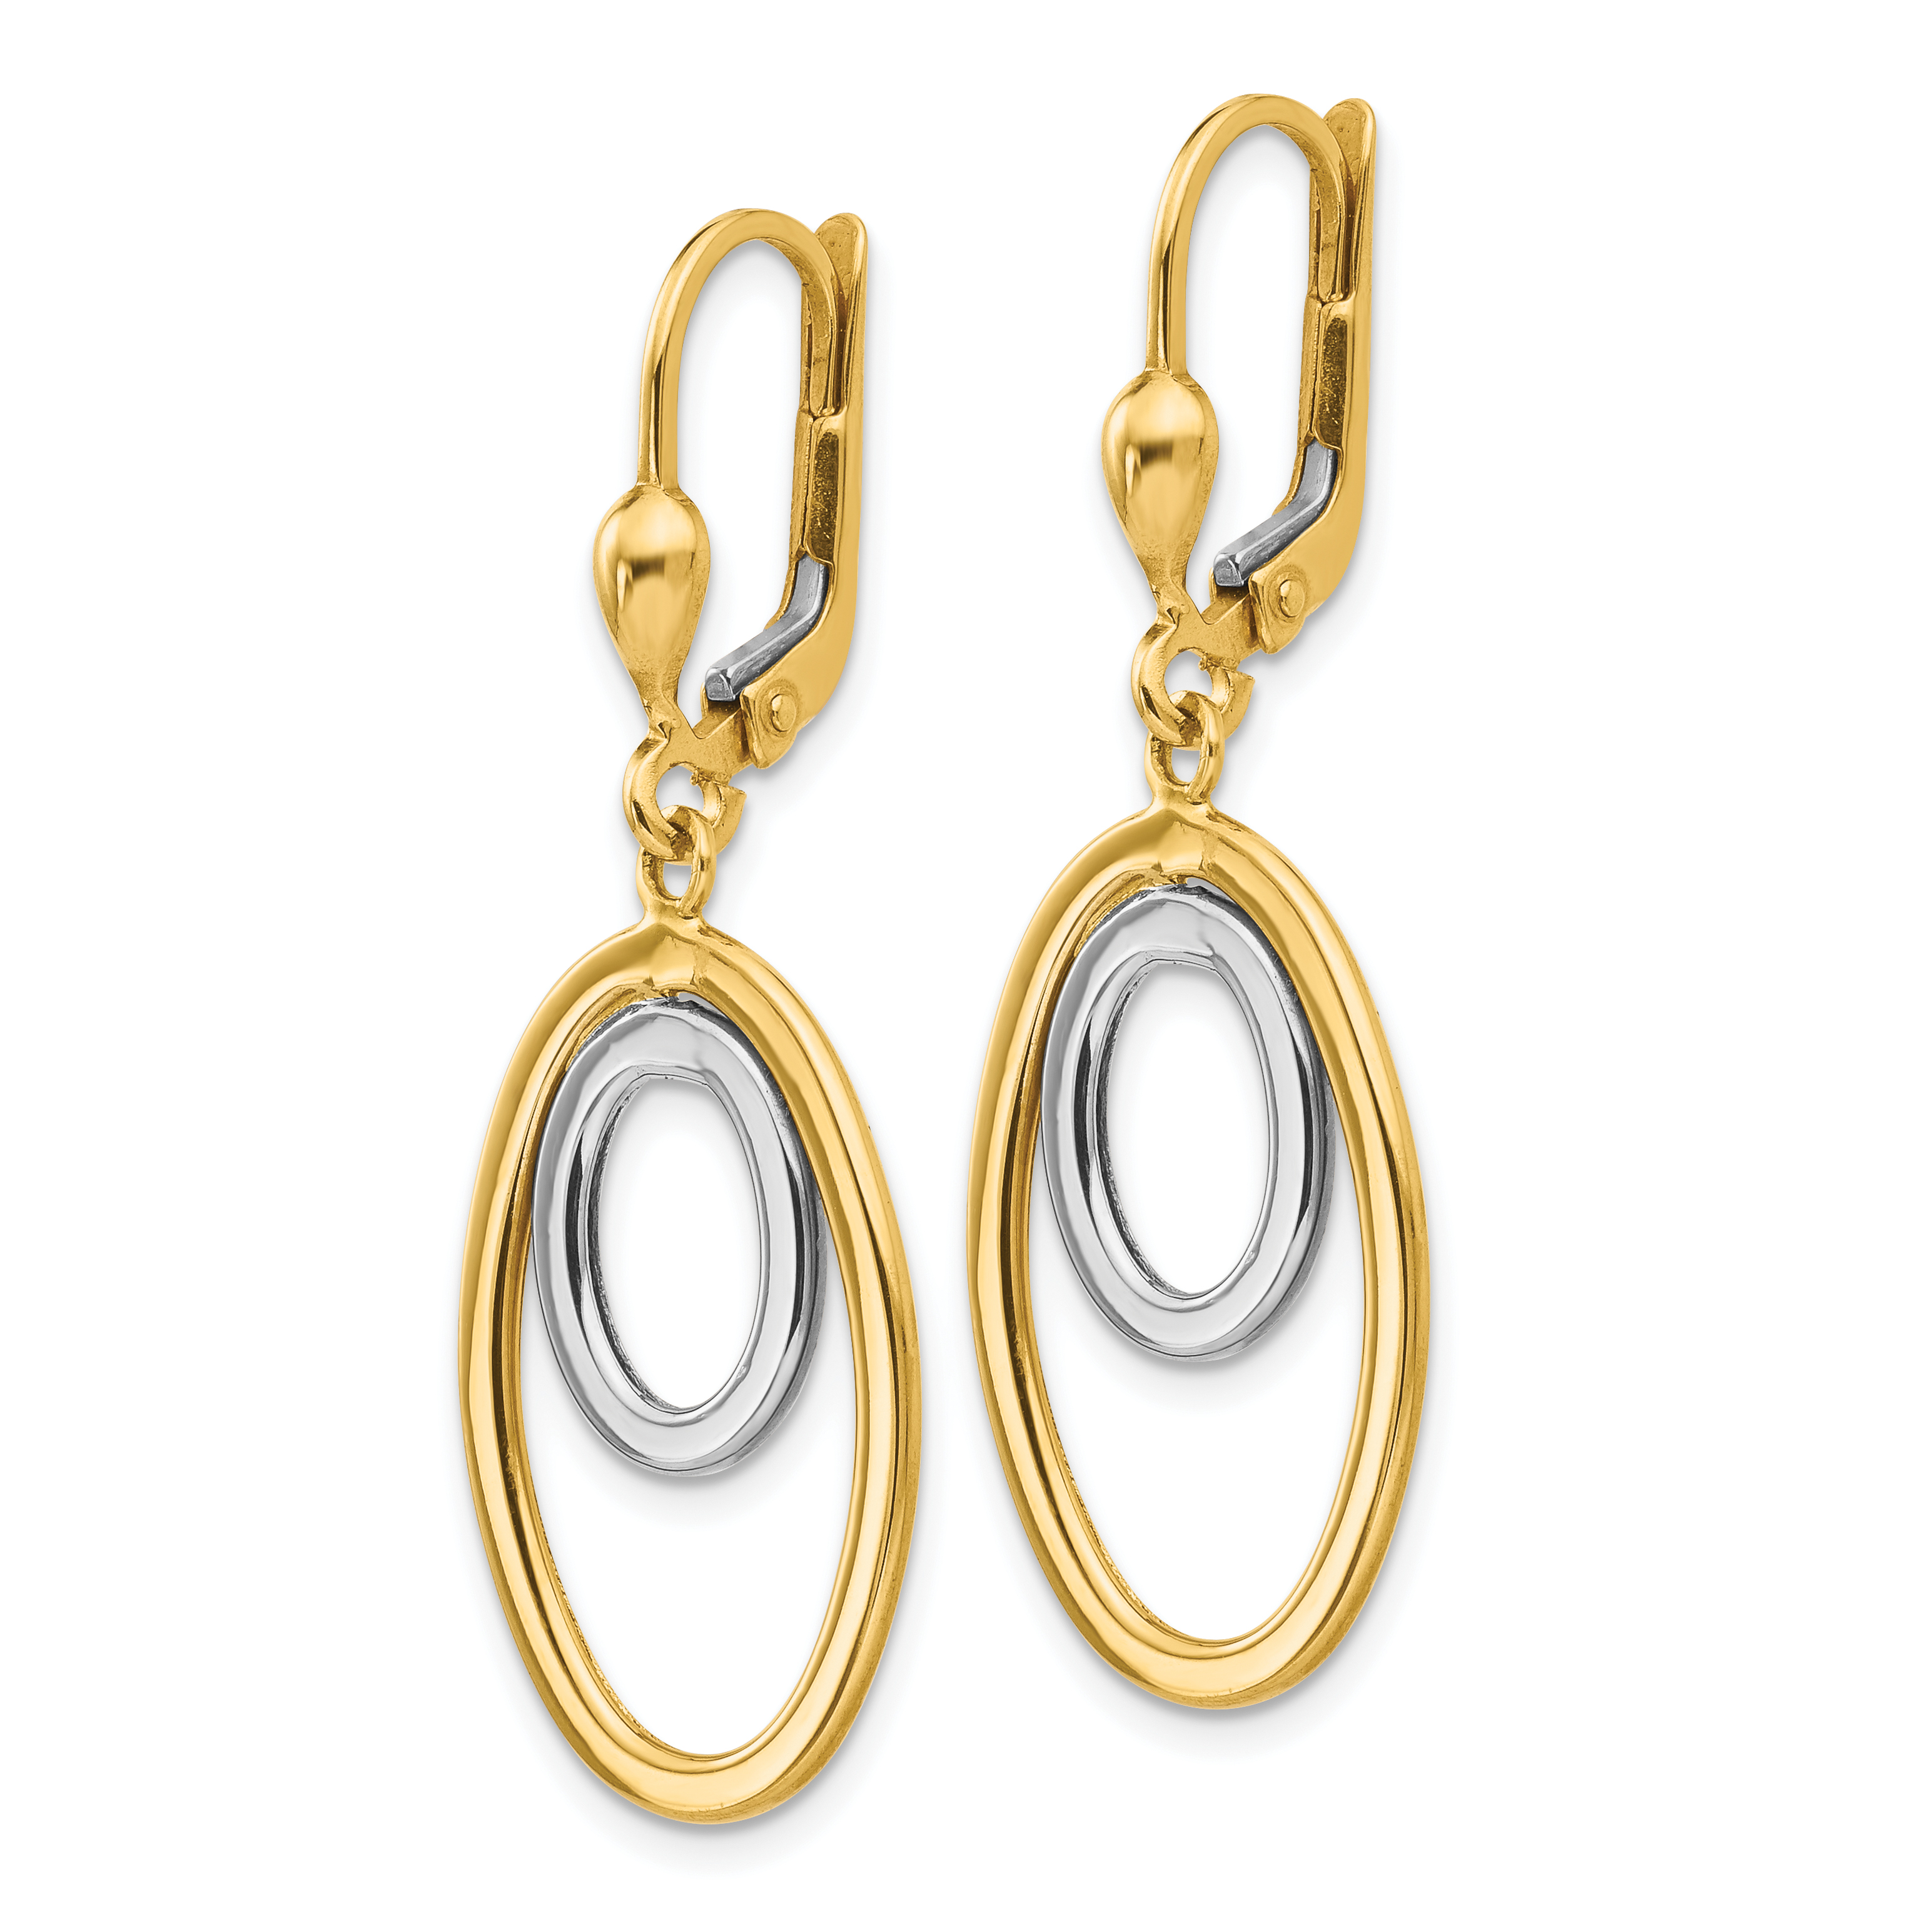 Leslie's 14k Two-tone Polished Dangle Leverback Earrings LE675 - image 1 de 2